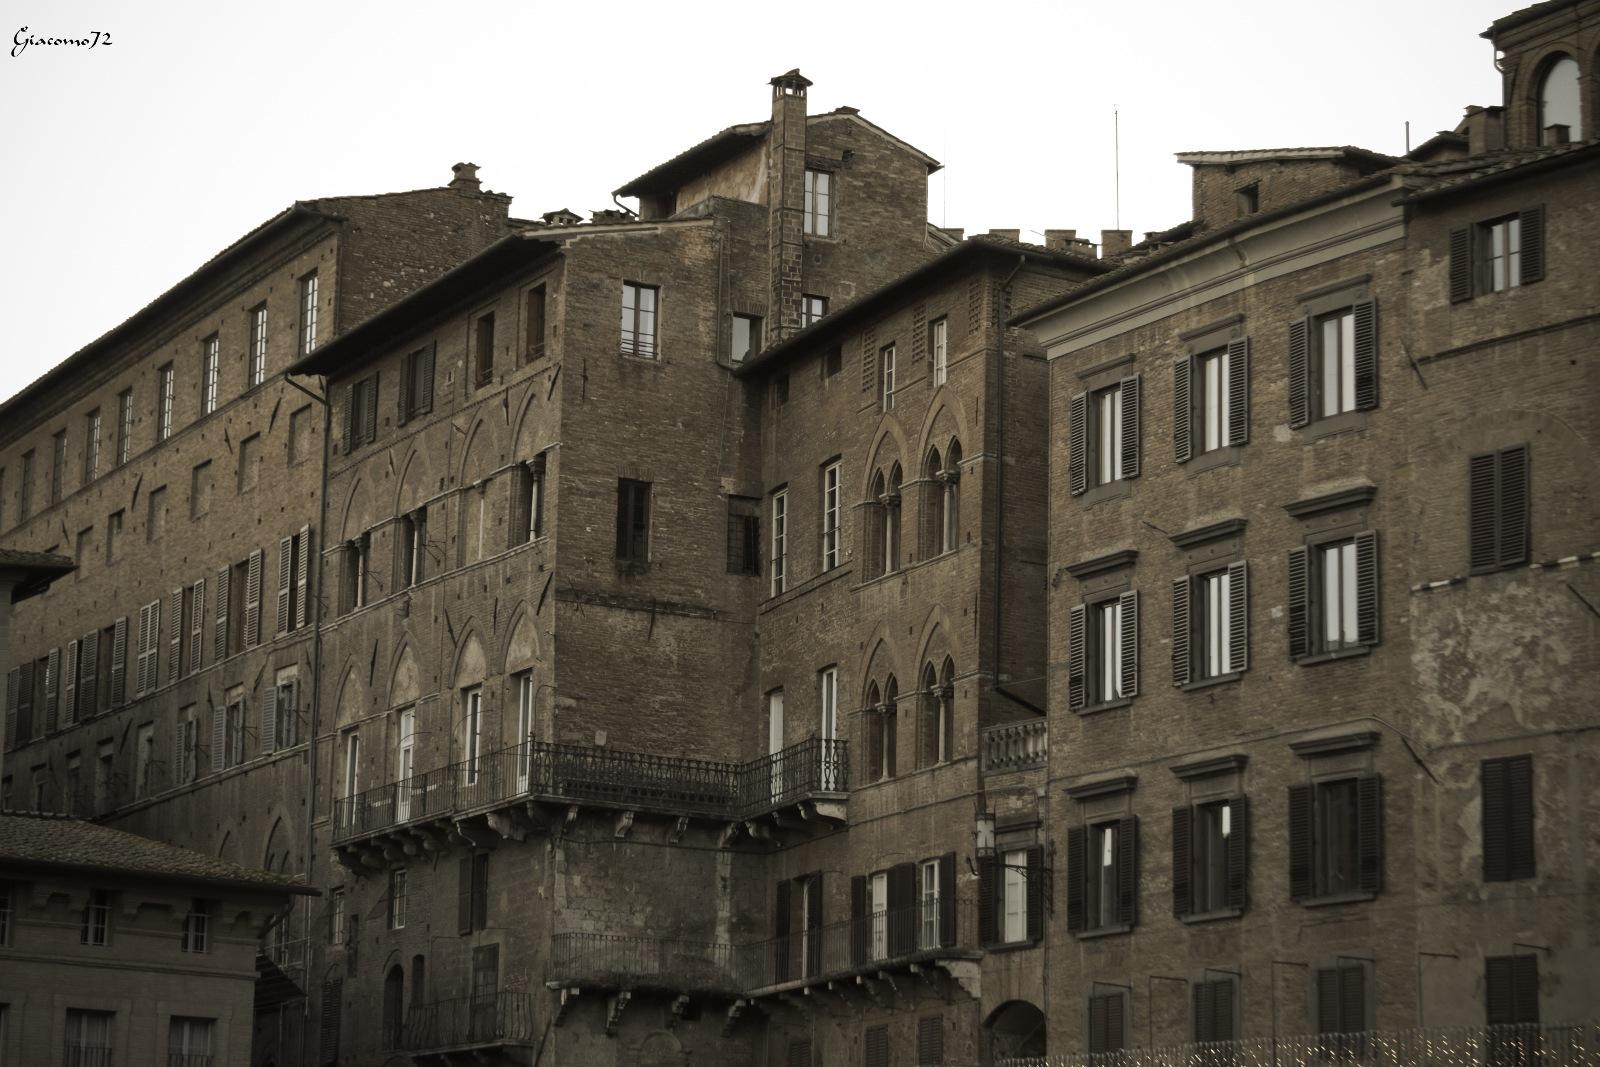 Pareti e finestre by Giacomo72